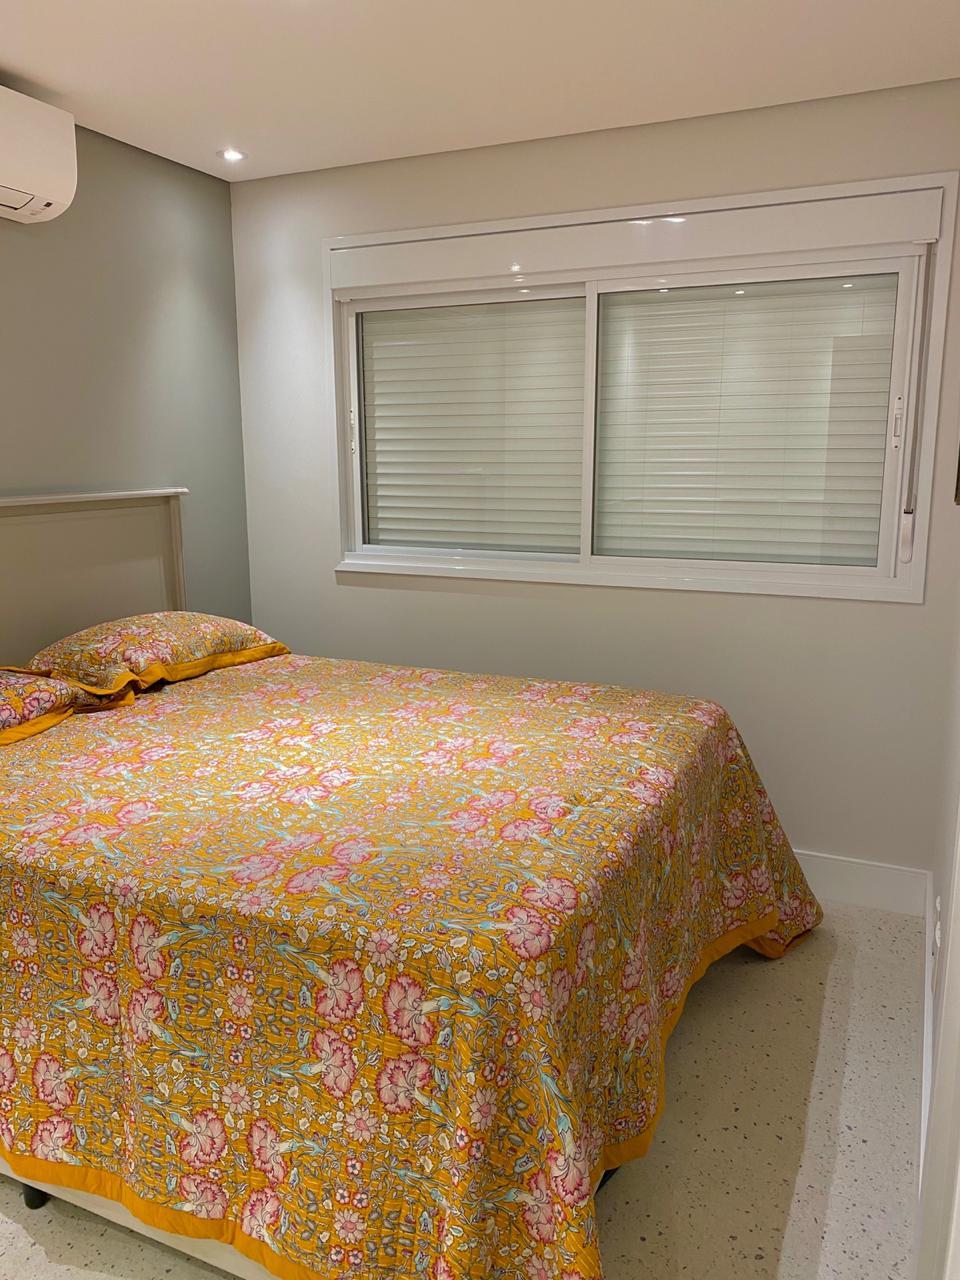 Ipiranga, Apartamento Padrão-Suíte com piso cerâmica Portinari, sanca de gesso com iluminação, closet e ar condicionado